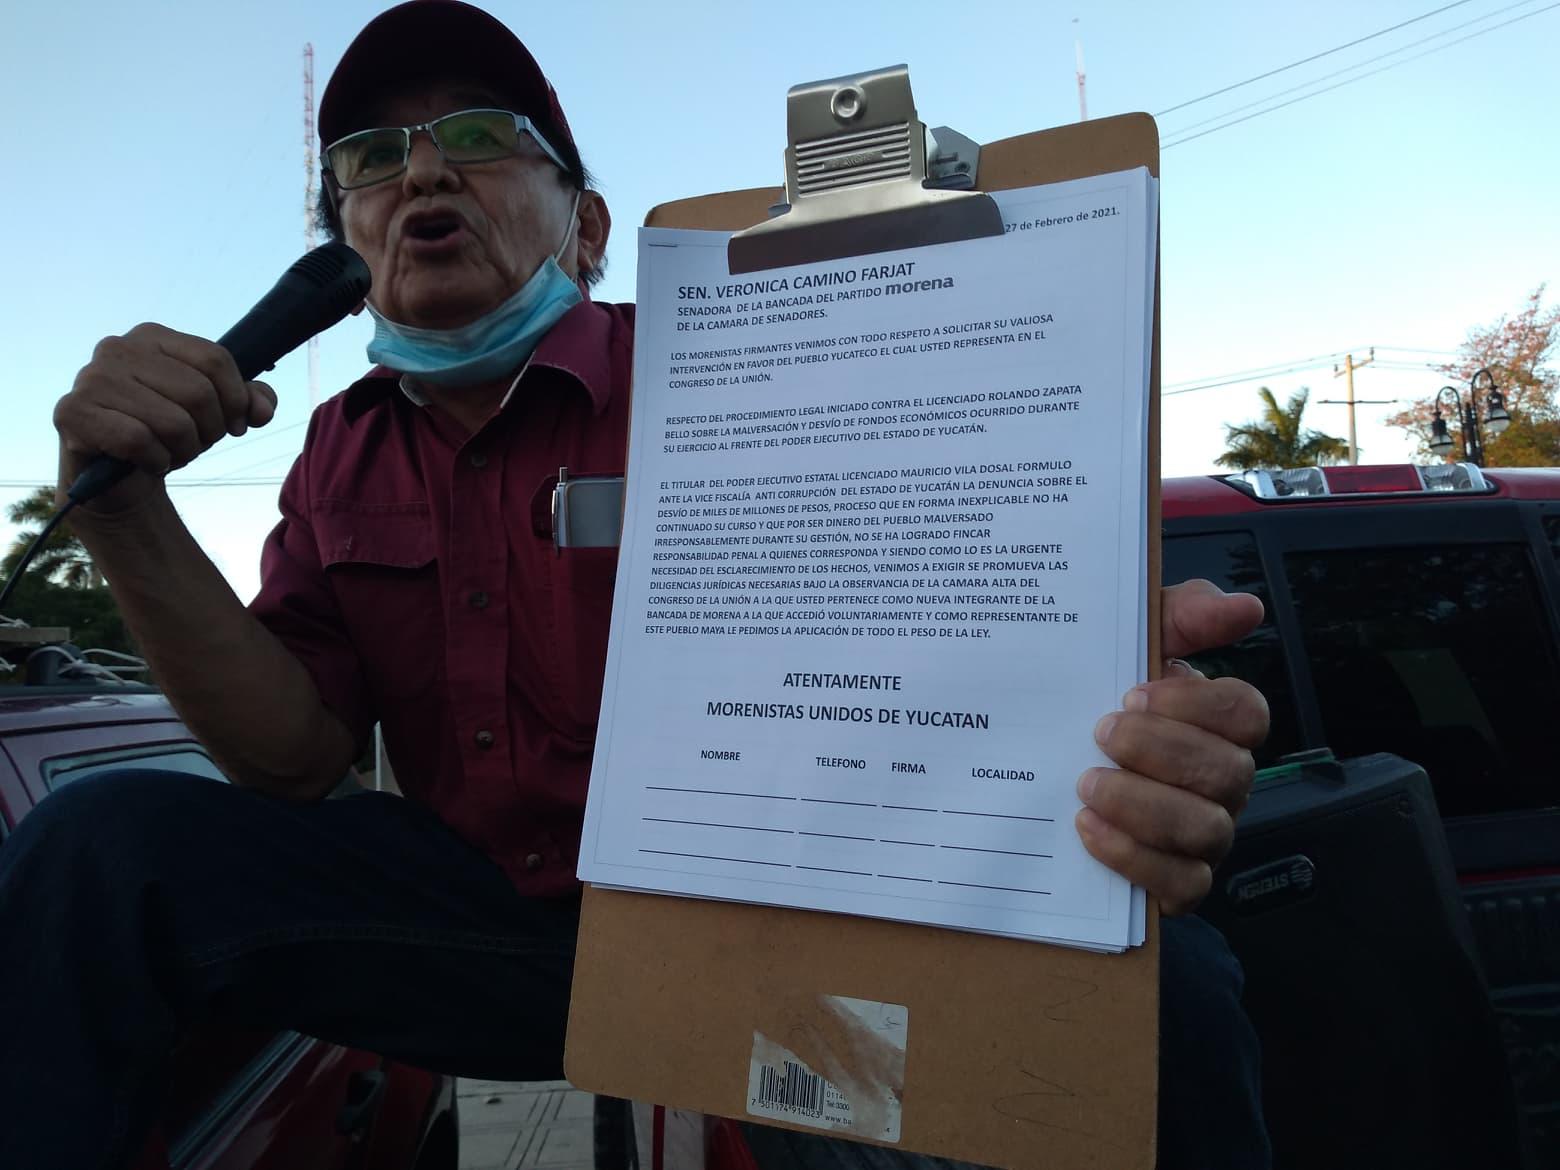 UN GRUPO DE MORENISTAS YUCATECOS MARCHAN EN CONTRA DE LAS DECISIONES DEL CEN